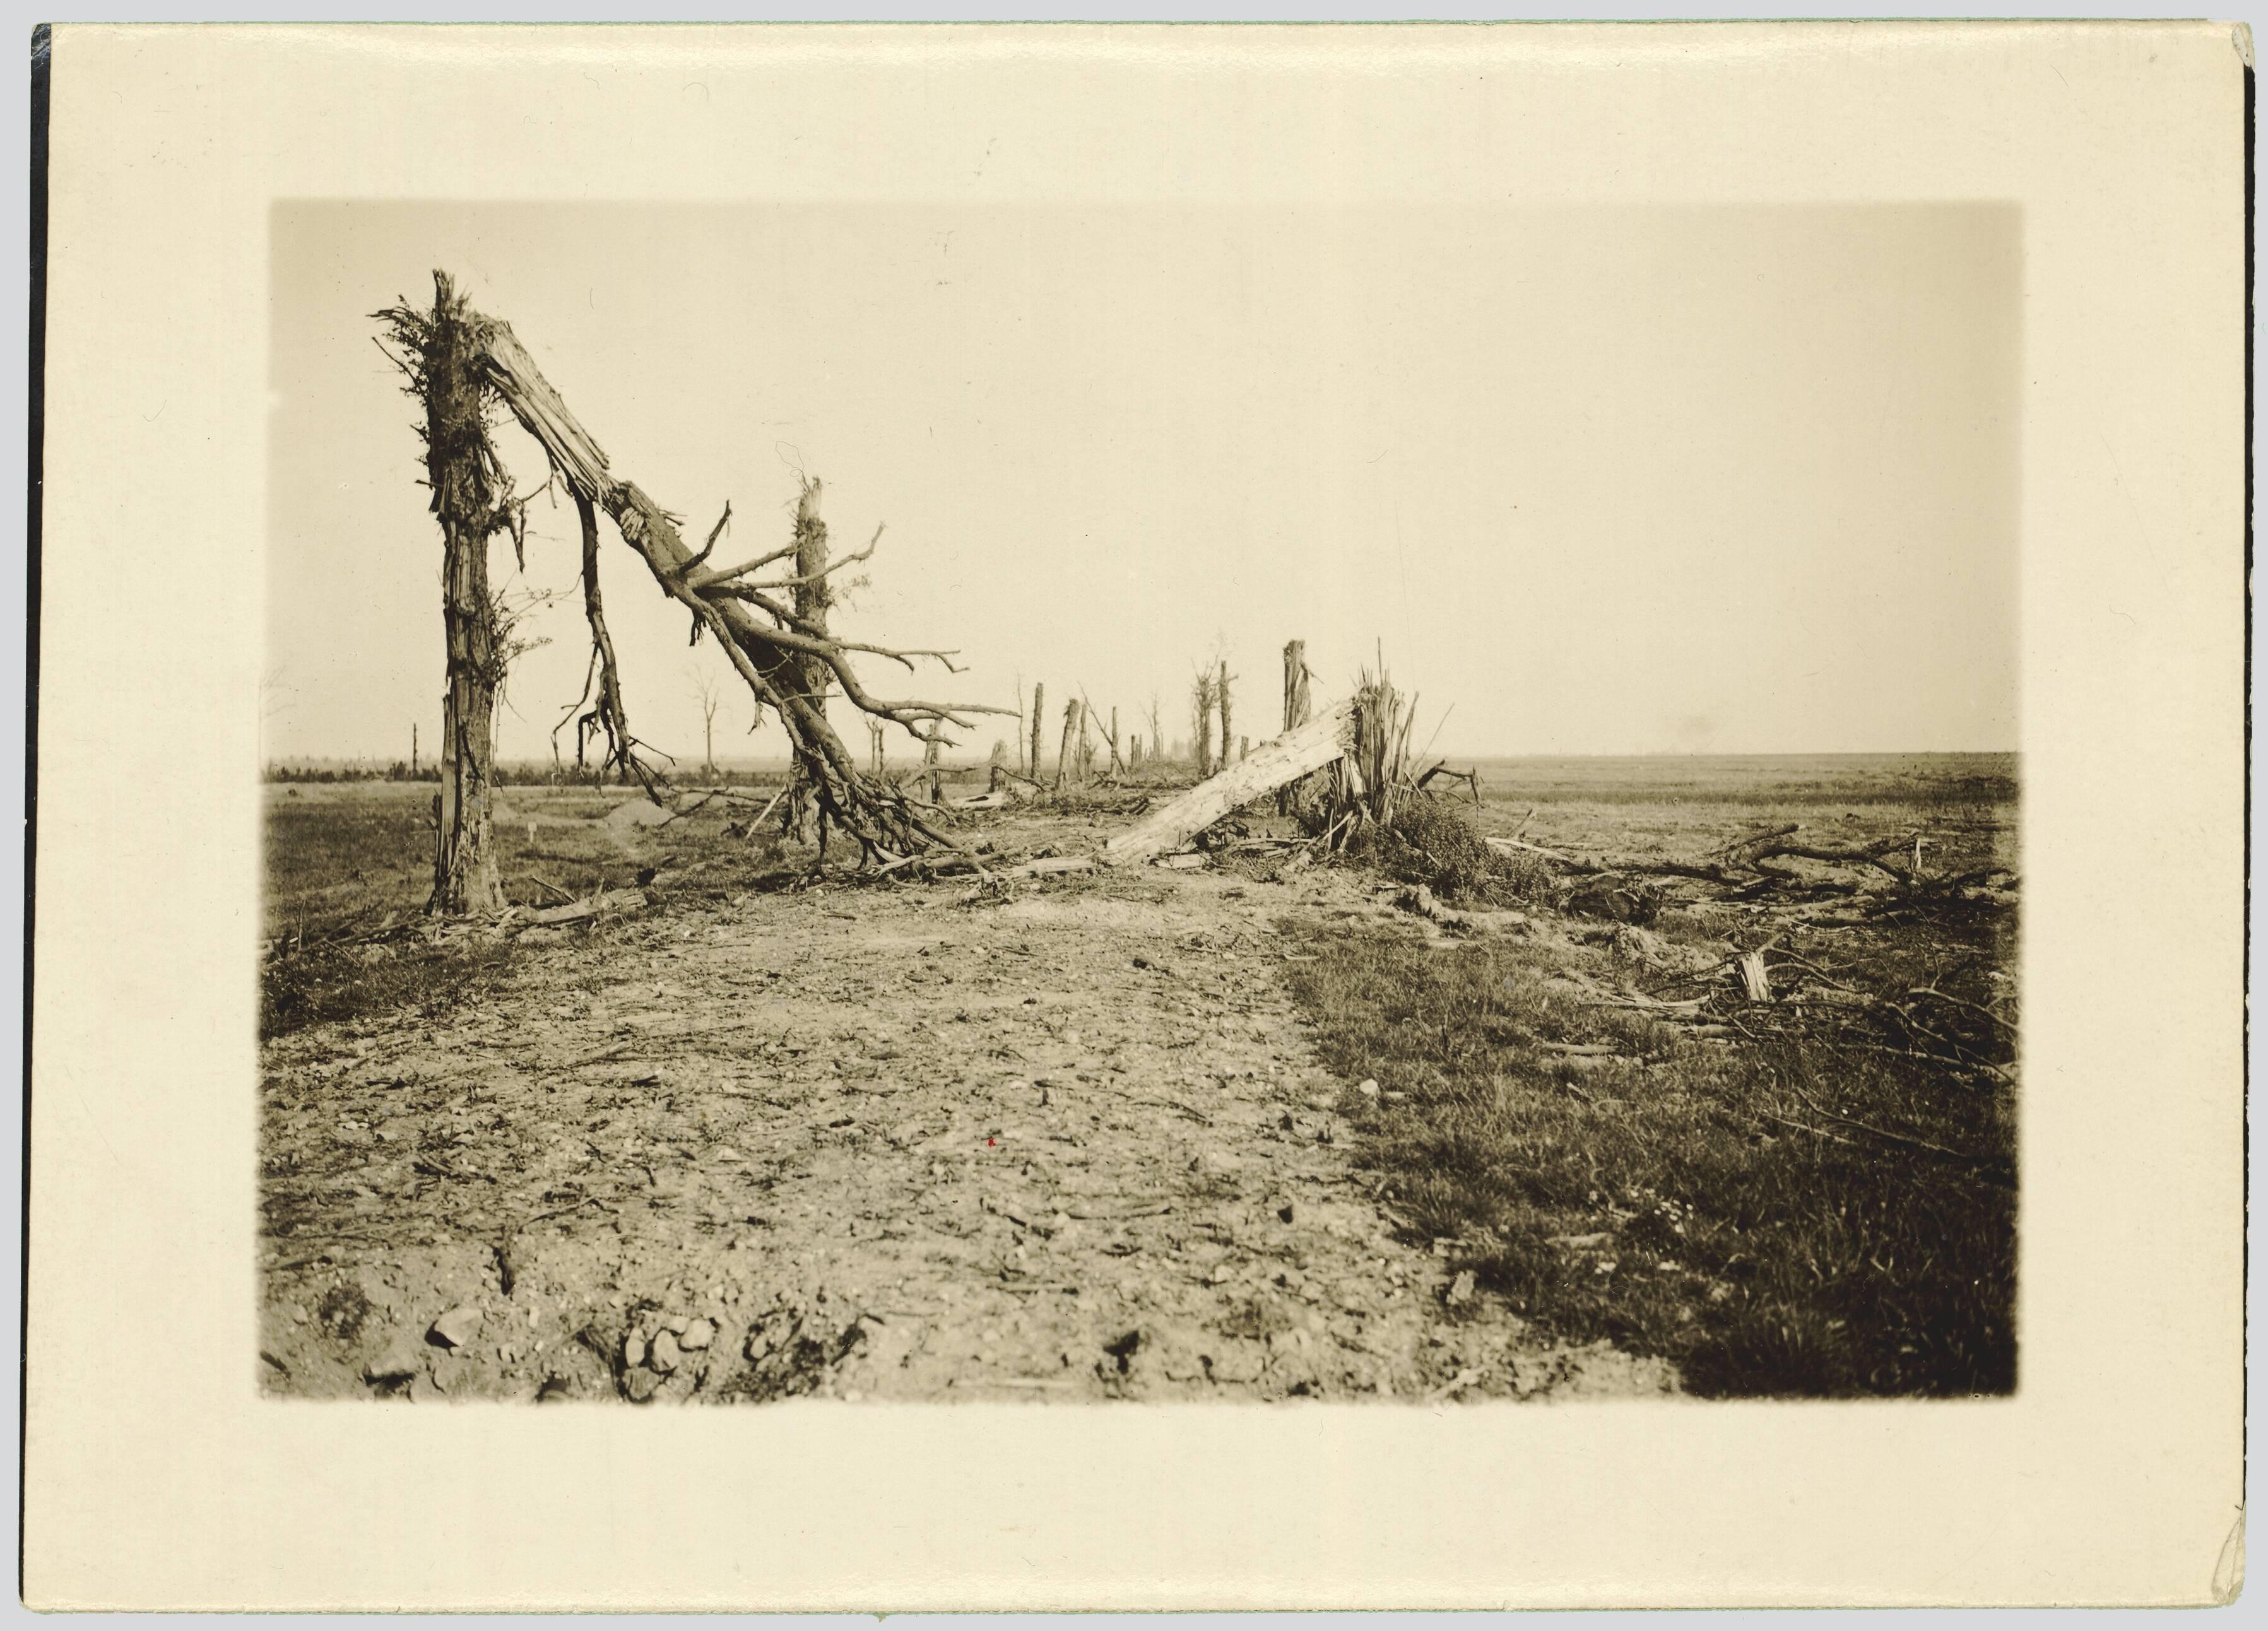 ROUTE NATIONALE D'AMIENS A SAINT-QUENTIN. ENTRE BELLOY-EN-SANTERRE ET BERNY-EN-SANTERRE. SEPTEMBRE 1916